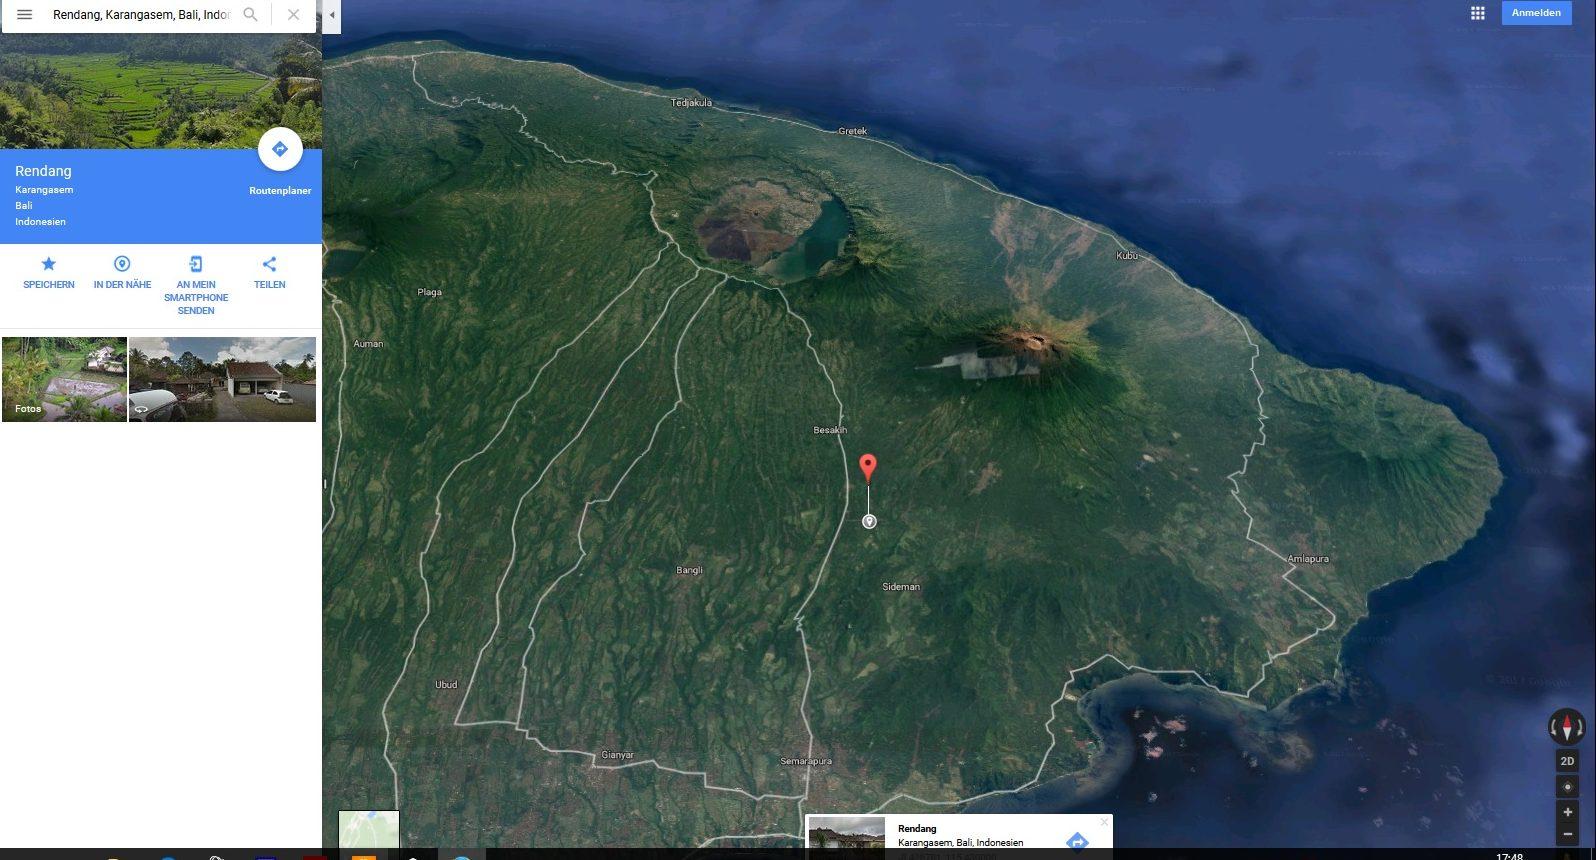 ... Zum Vergrößern Anklicken: Position Der Live Cam In Rendang/Bali, Ca. 13  Km Luftlinie SW Vom Vulkan U201eGunung Agungu201c.